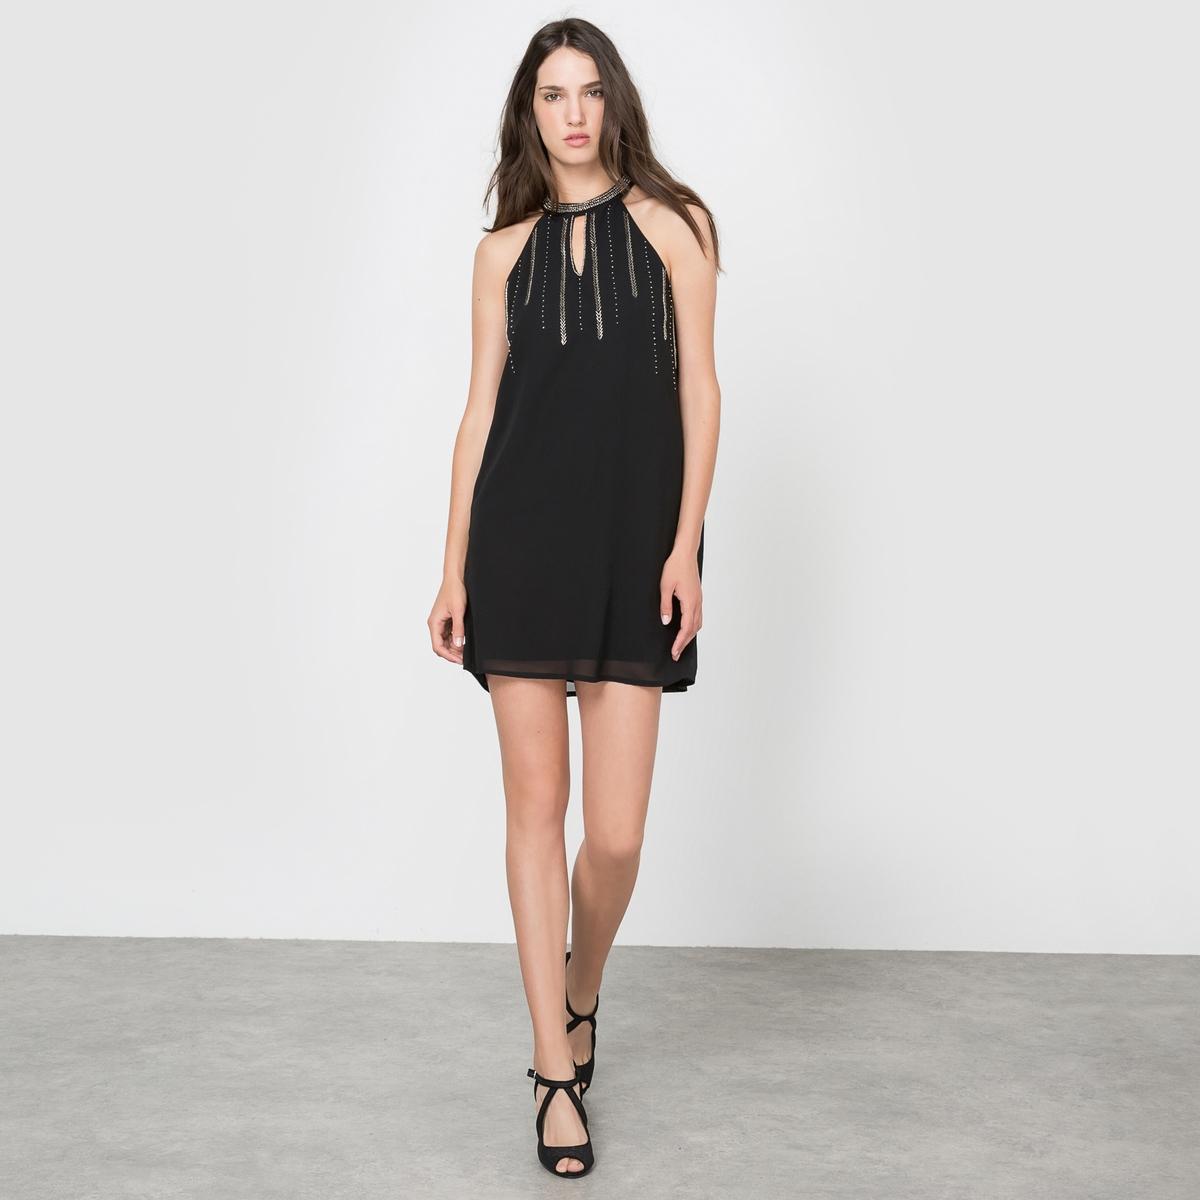 Платье с американской проймойСостав и описаниеМарка: MOLLY BRACKEN.Материалы:платье из 95% полиэстера, 5% эластана, подкладка из 100% полиэстера.УходСтирать при 30°C в деликатном режиме.Стирать с вещами подобных цветов. Машинная сушка запрещена.<br><br>Цвет: черный<br>Размер: L